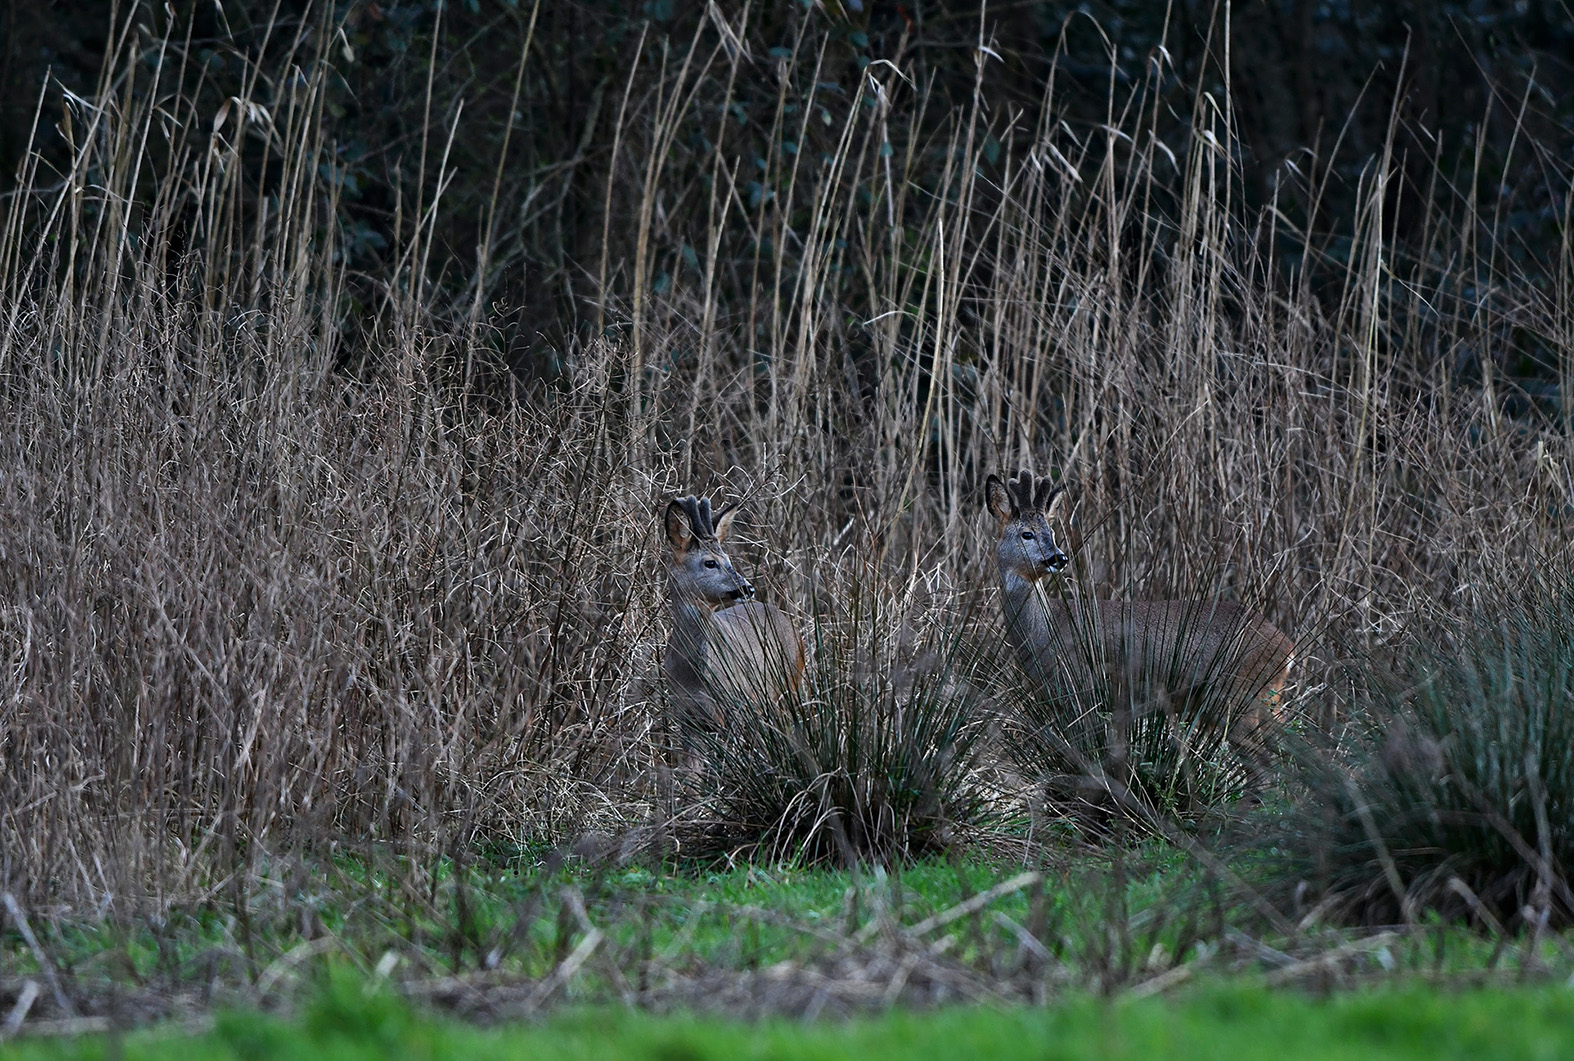 Een mooi gezicht om de twee jonge reebokken zo te zien staan tussen het riet - Foto: ©Louis Fraanje